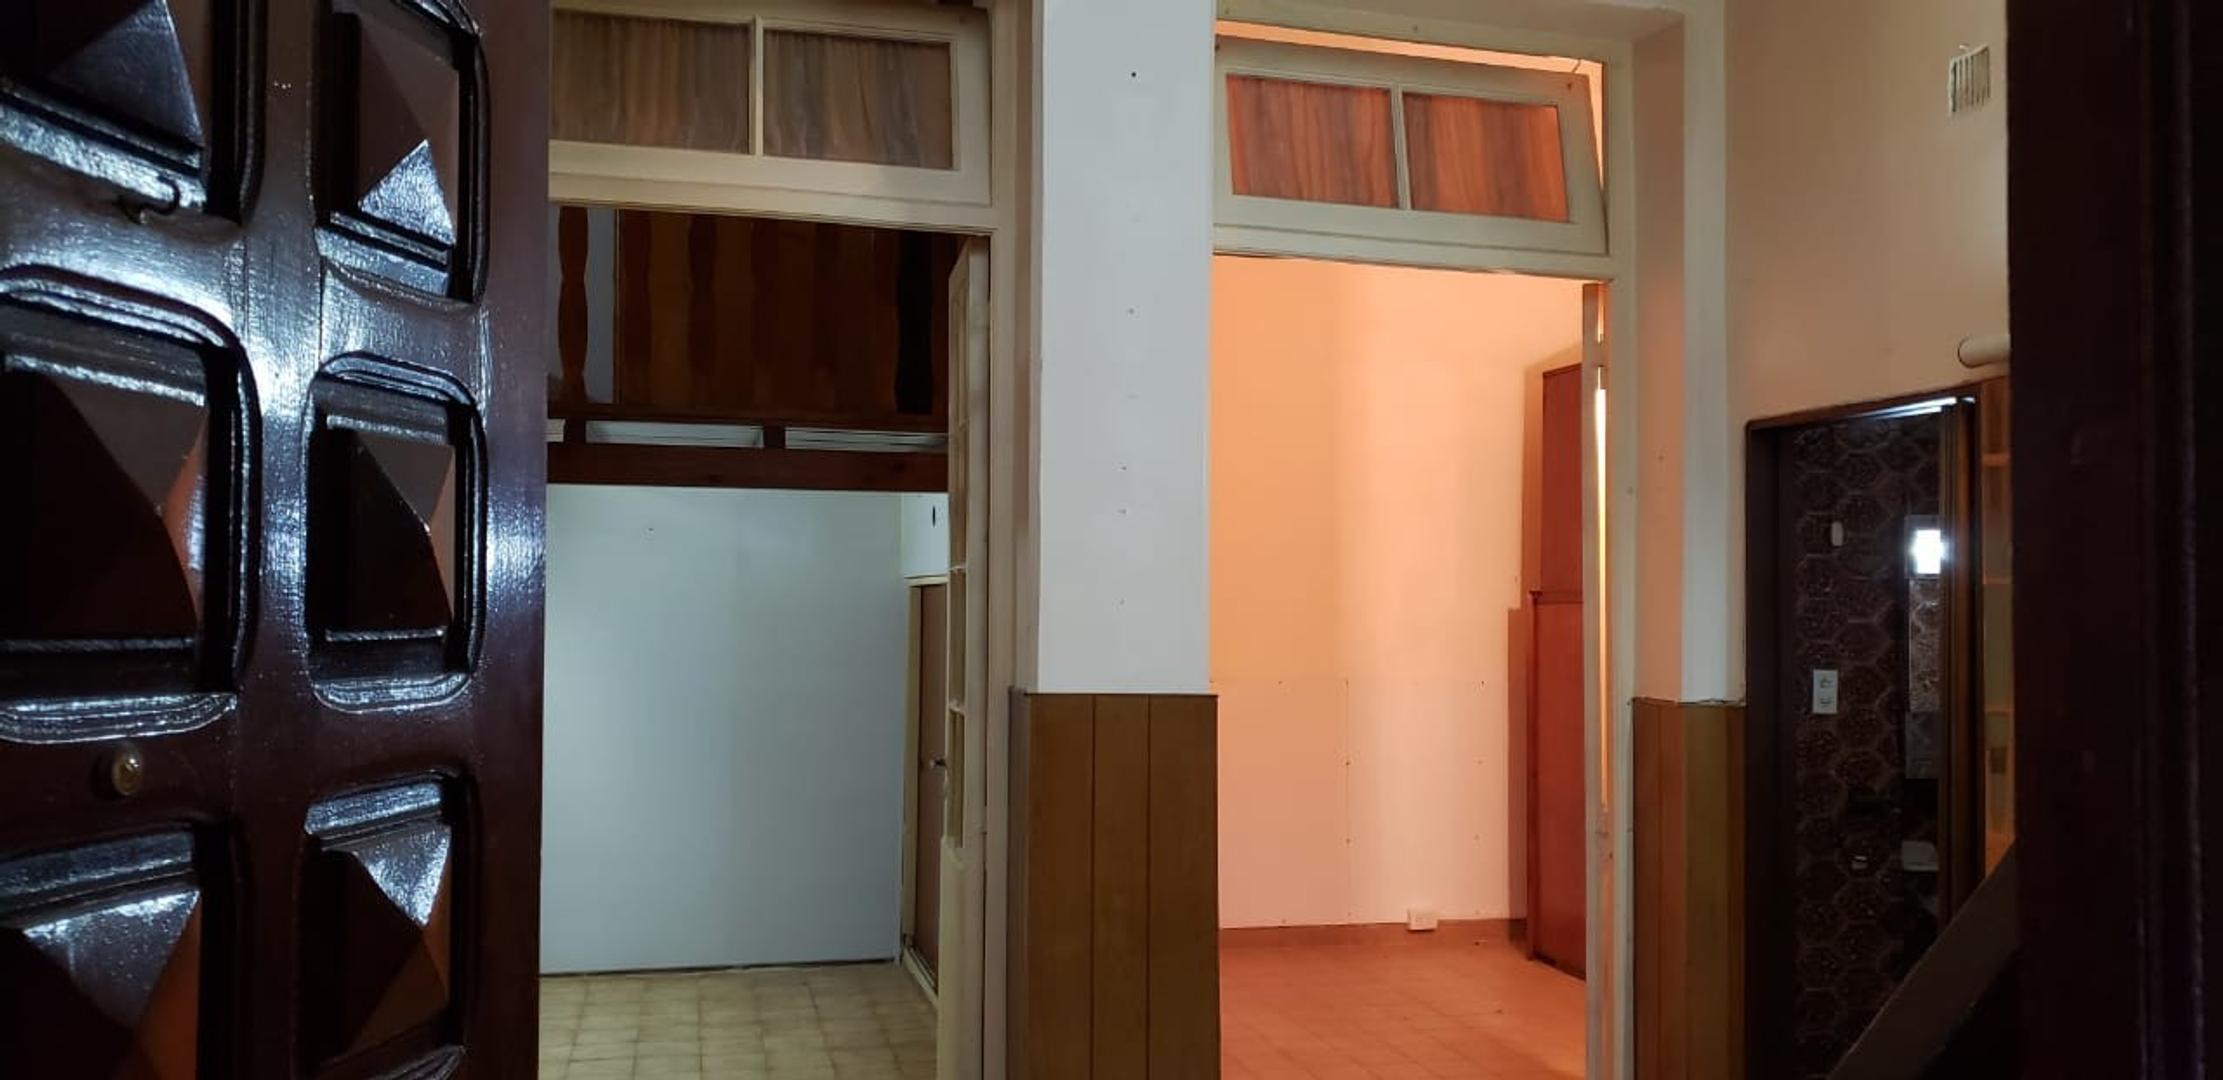 Ph en Venta - 5 ambientes - USD 110.000